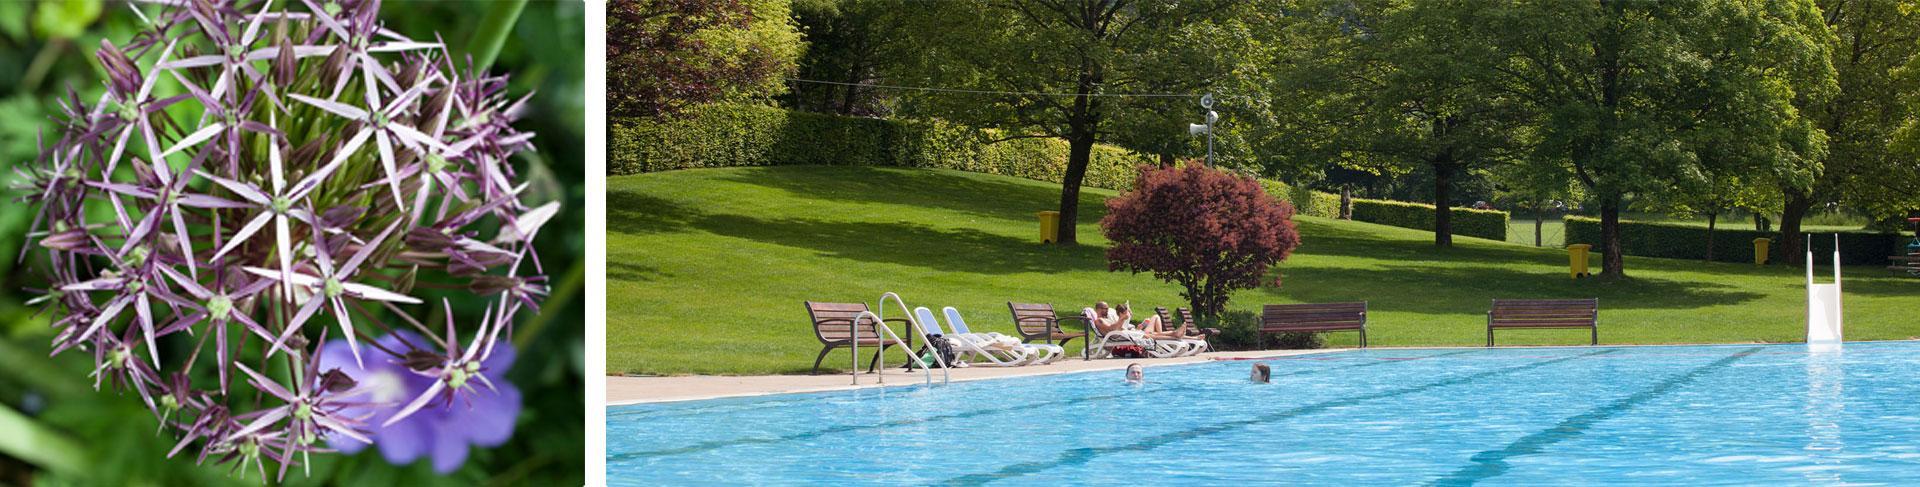 Ansicht des schönen Glottertäler Schwimmbads, dass nur wenige Gehminuten vom Roseneck entfernt ist